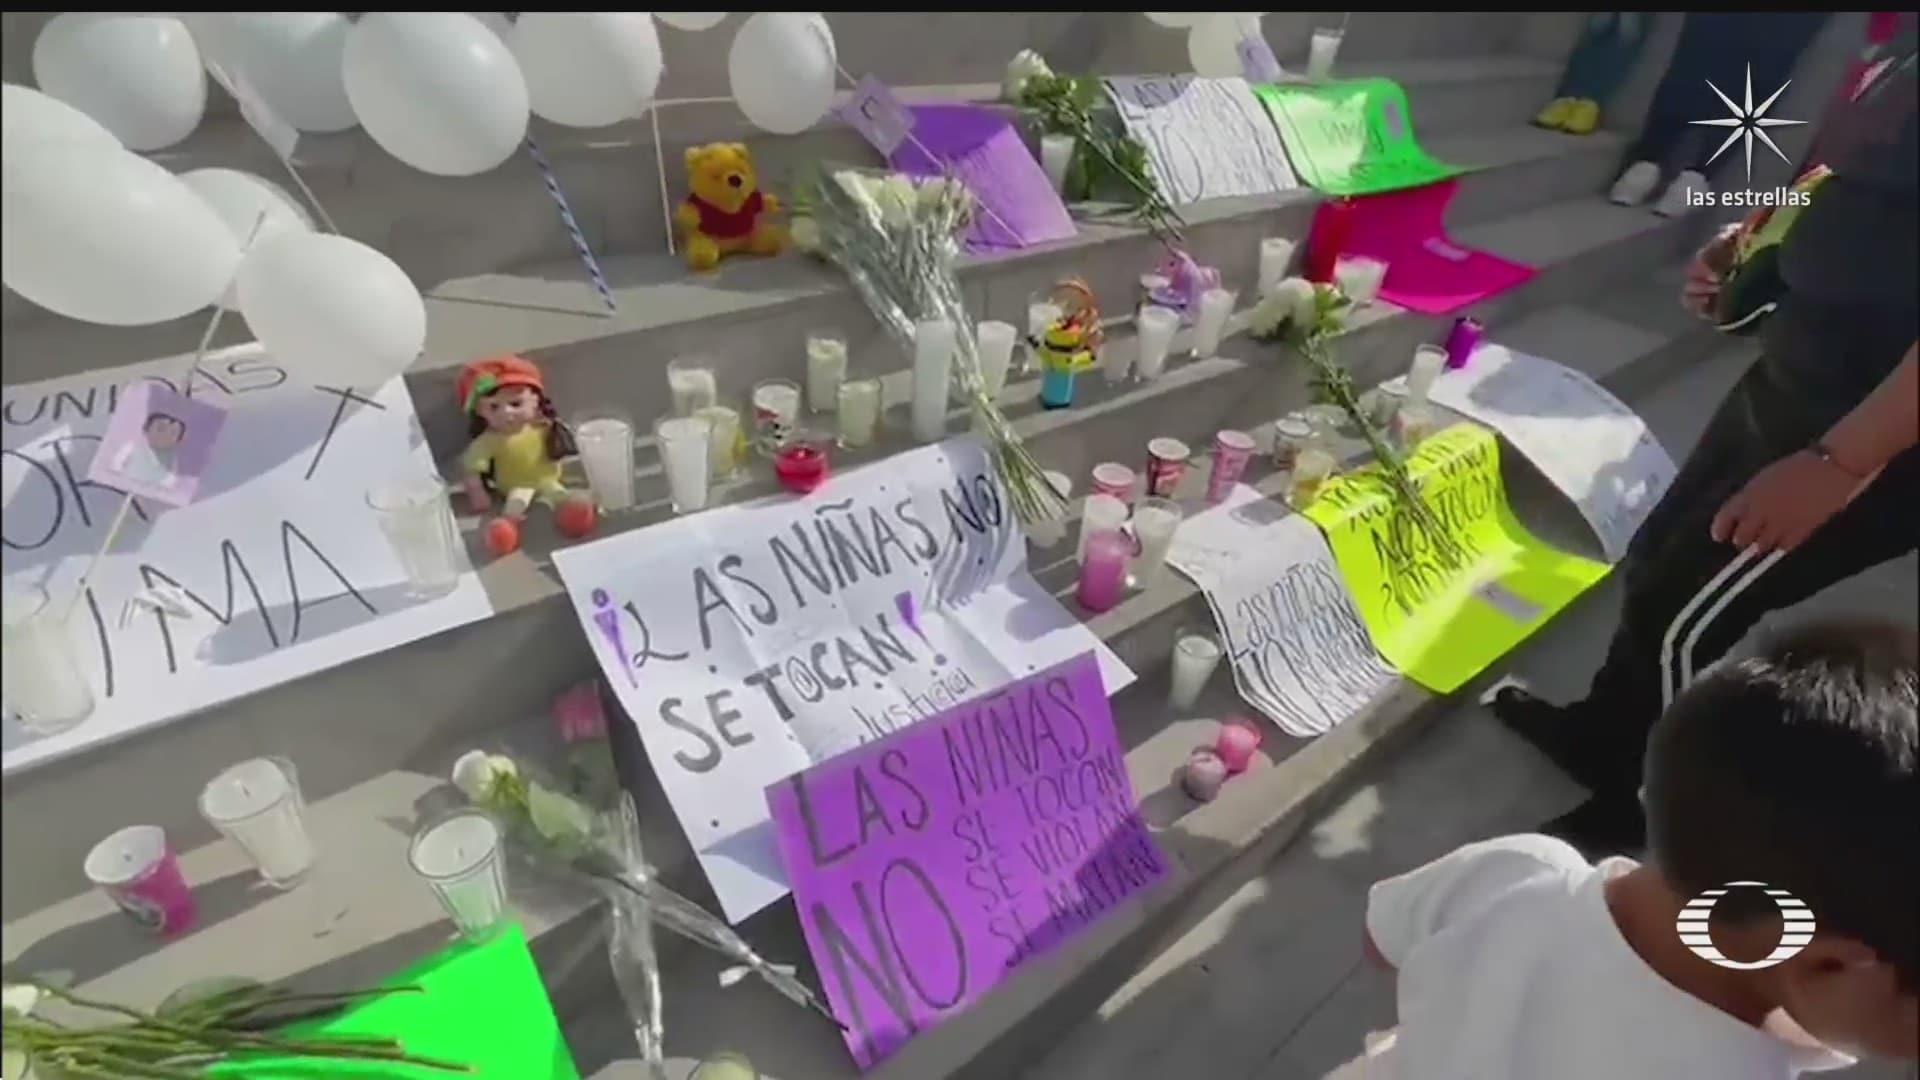 piden justicia por feminicidio de nina en milpa alta